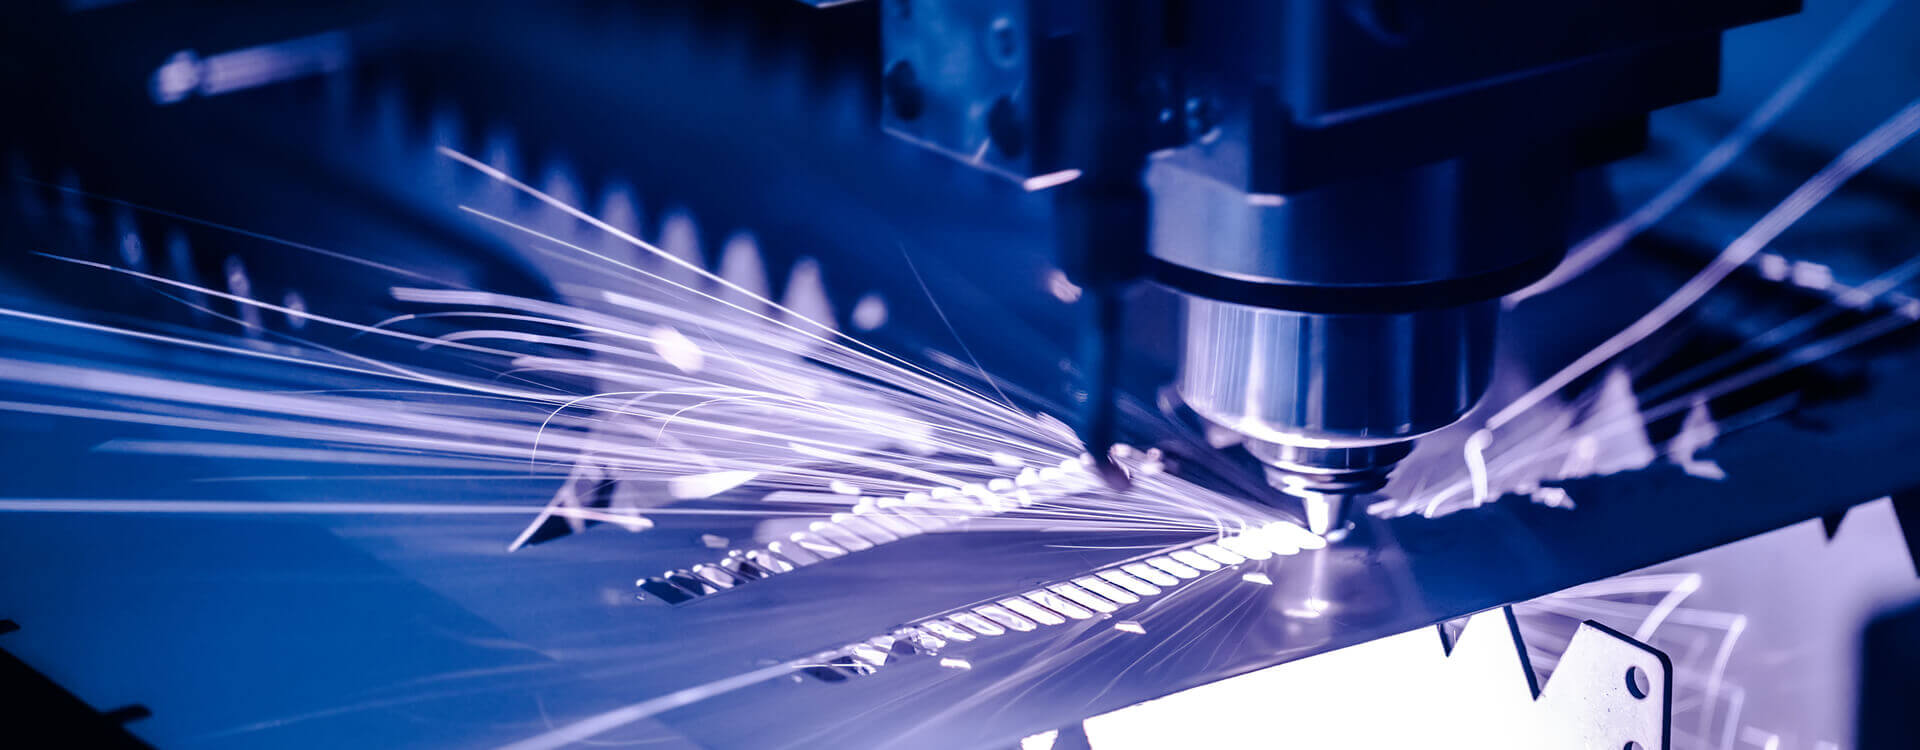 découpe laser sur métaux par CITELE INDUSTRIE